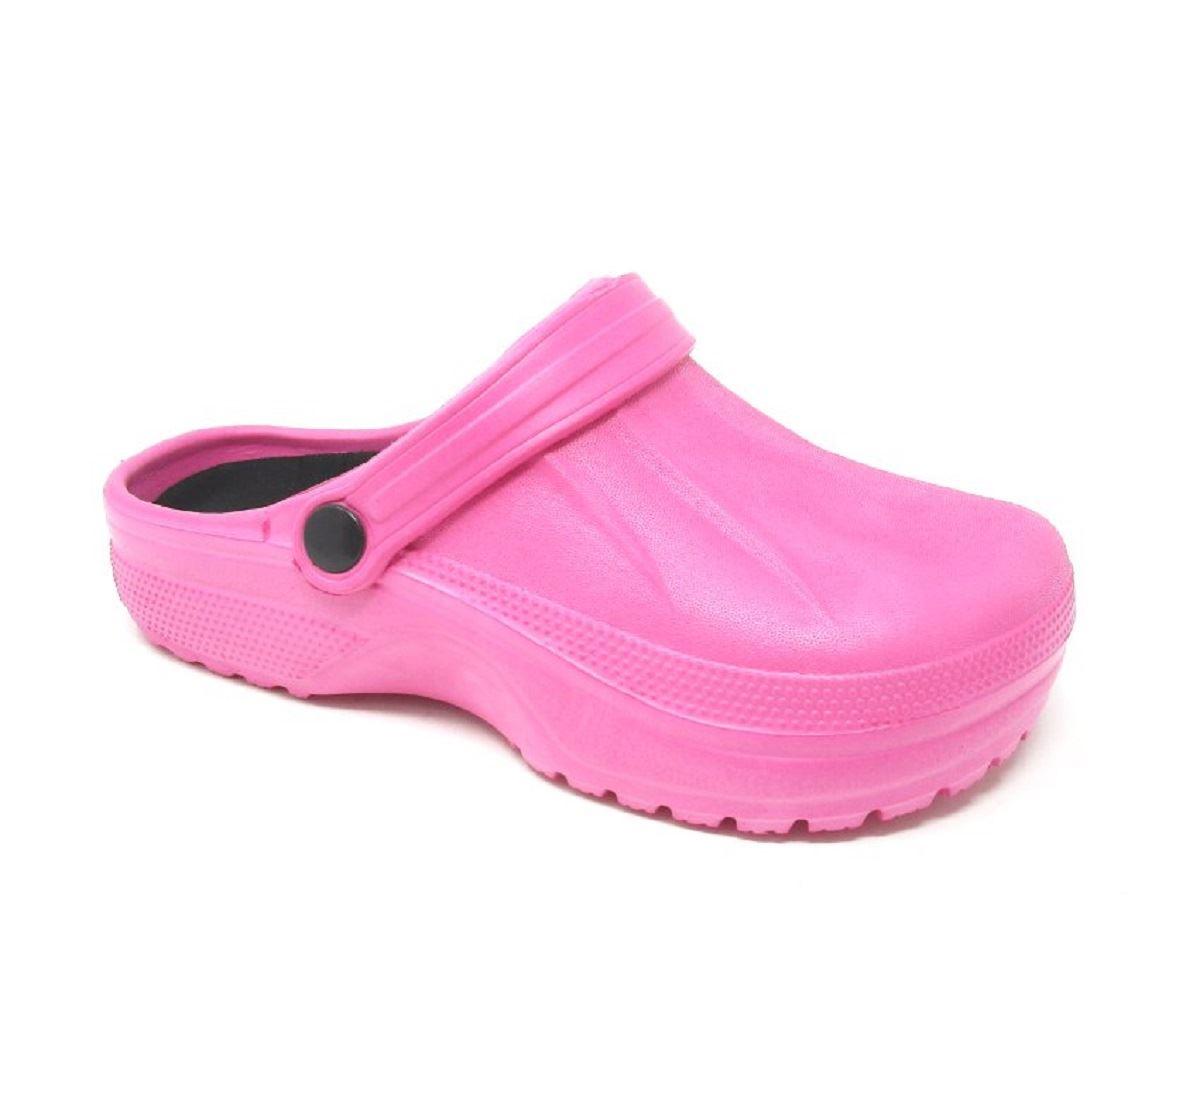 Womens-Clogs-Mules-Slipper-Nursing-Garden-Beach-Sandals-Hospital-Rubber-Shoes miniatura 13